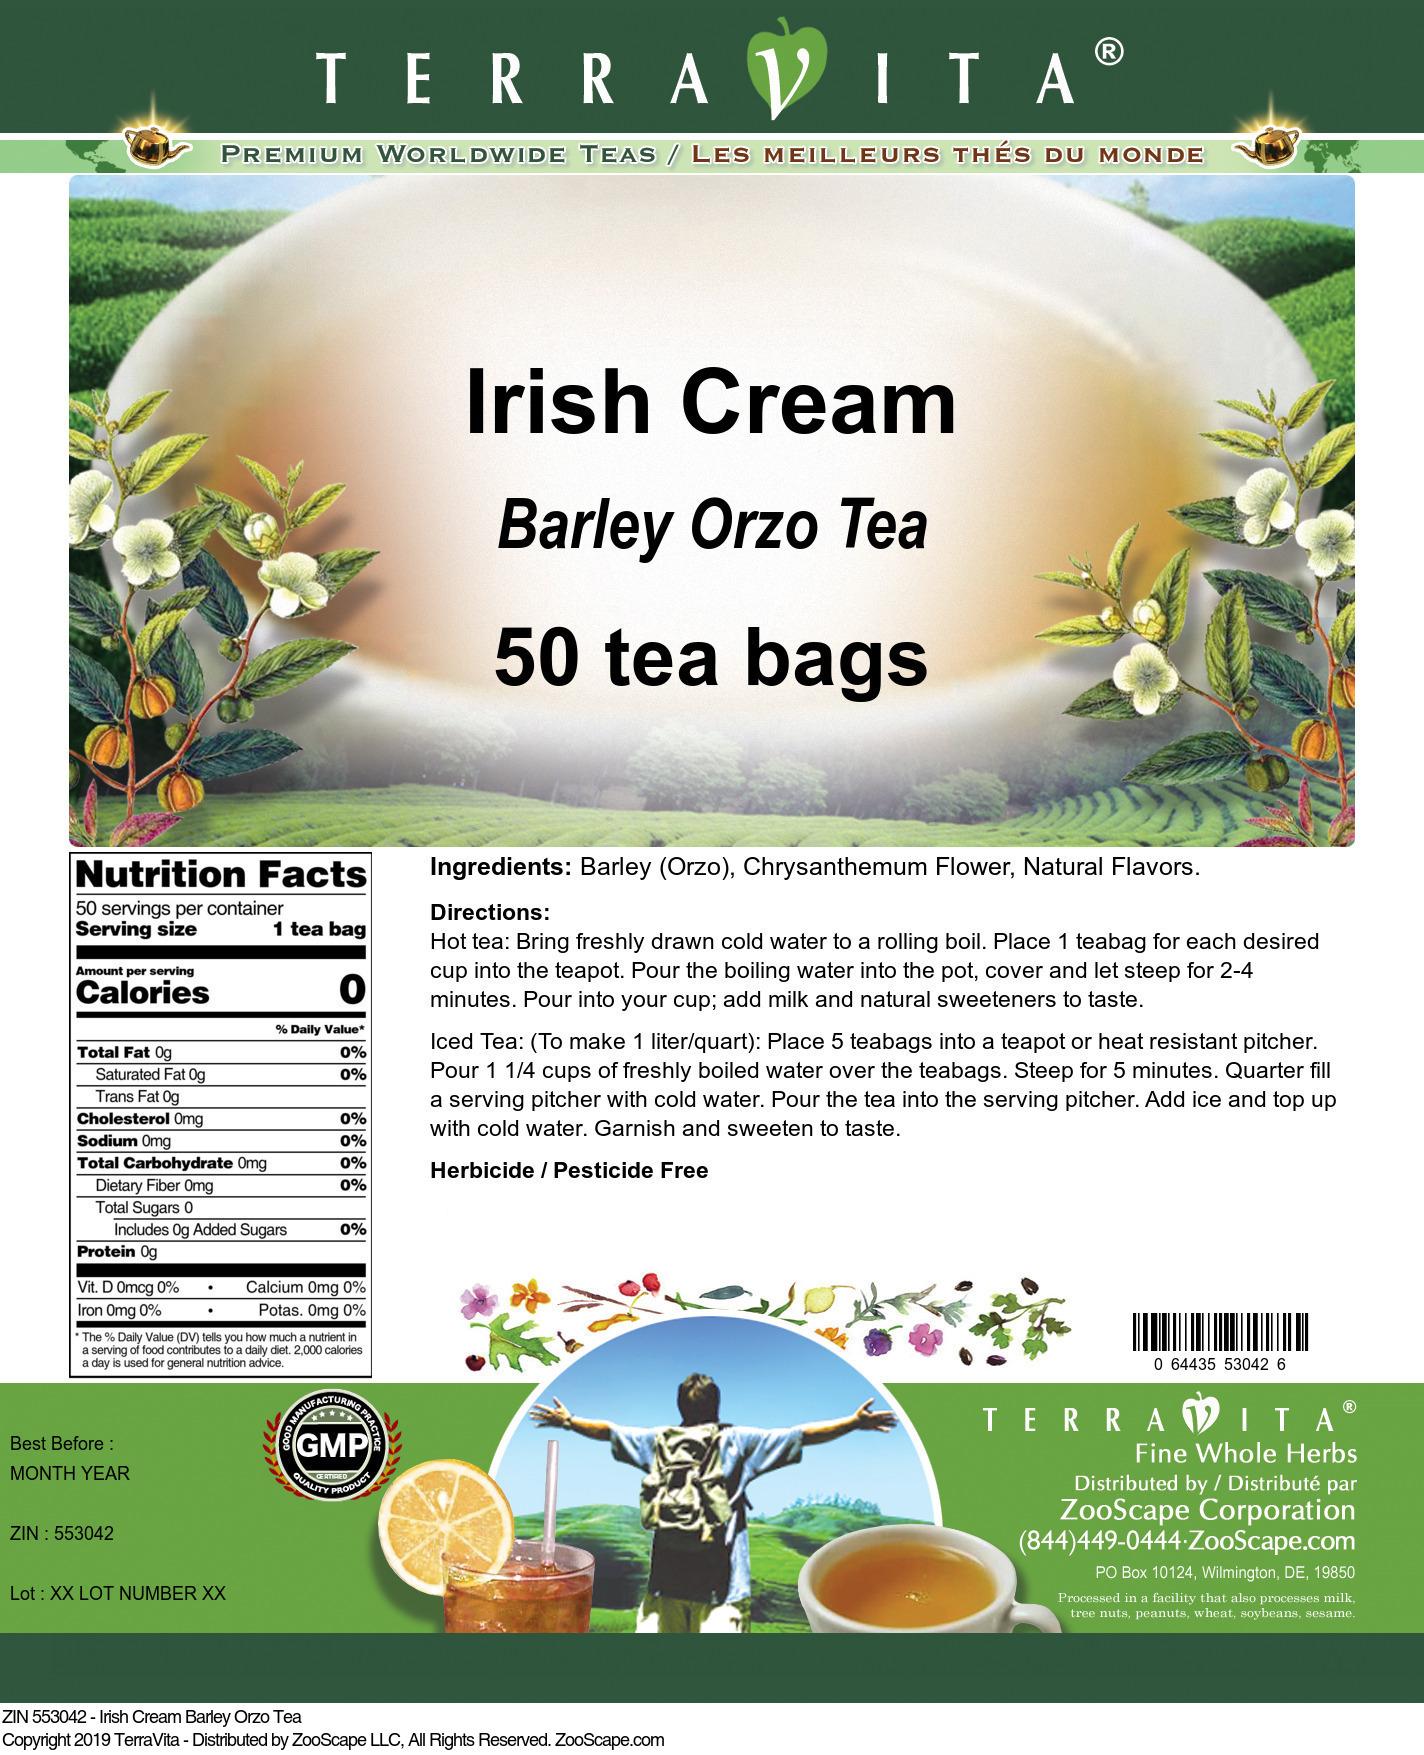 Irish Cream Barley Orzo